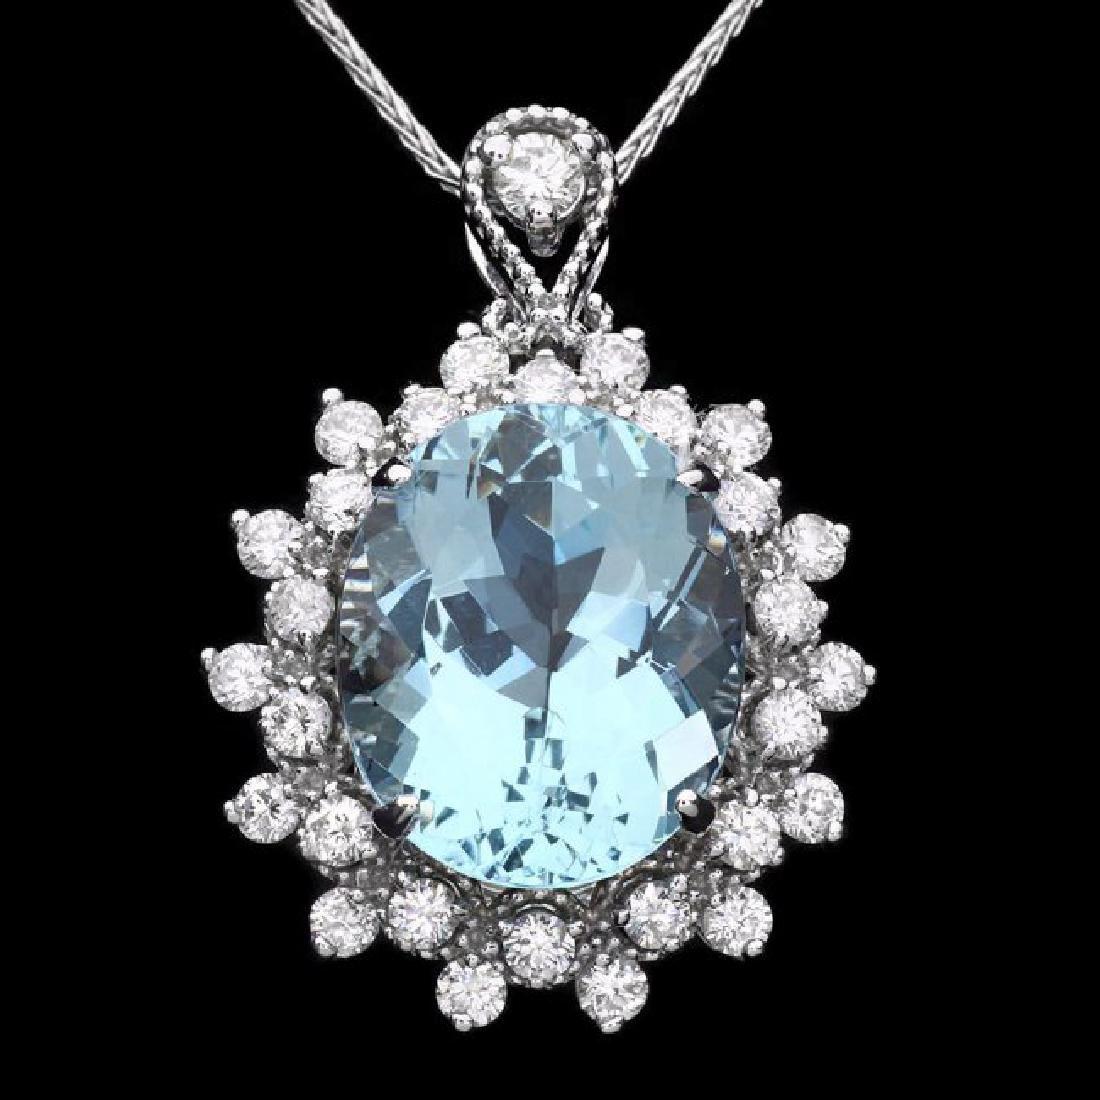 14k Gold 5.50ct Aquamarine 0.80ct Diamond Pendant